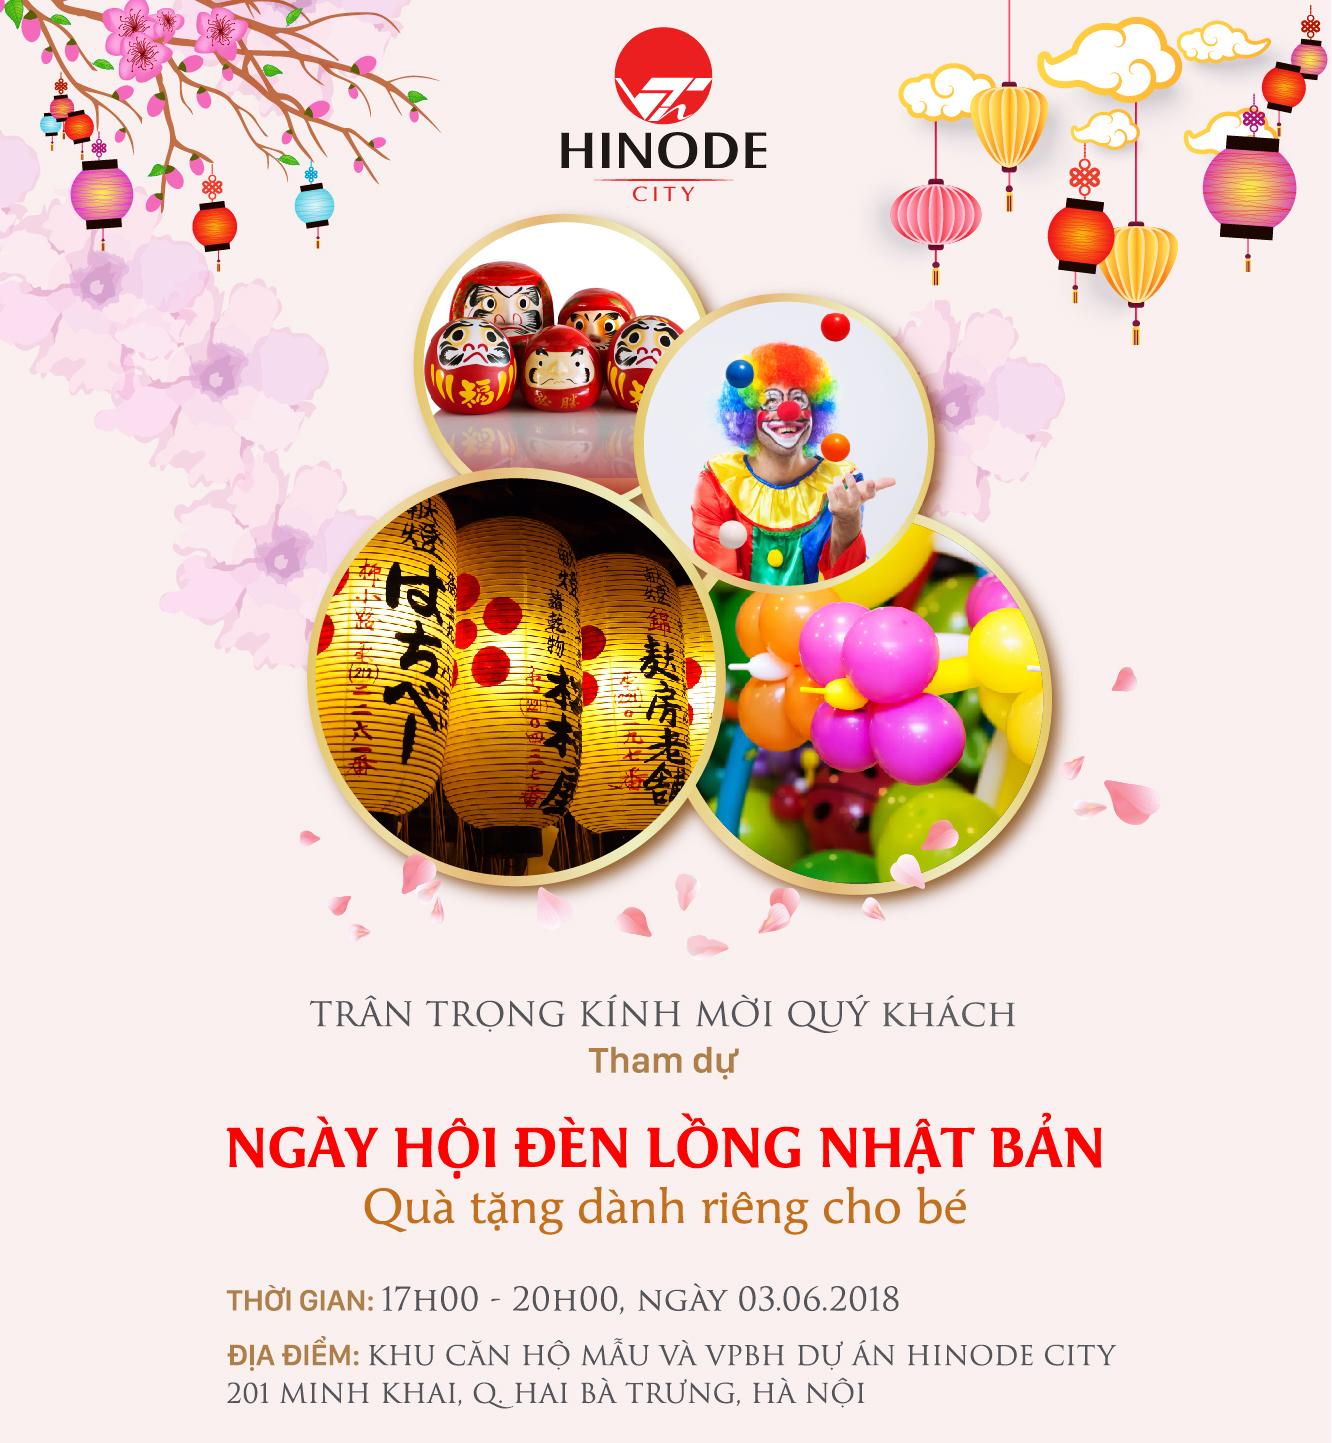 Ngày hội đèn lồng tại dự án Hinode City 201 Minh Khai